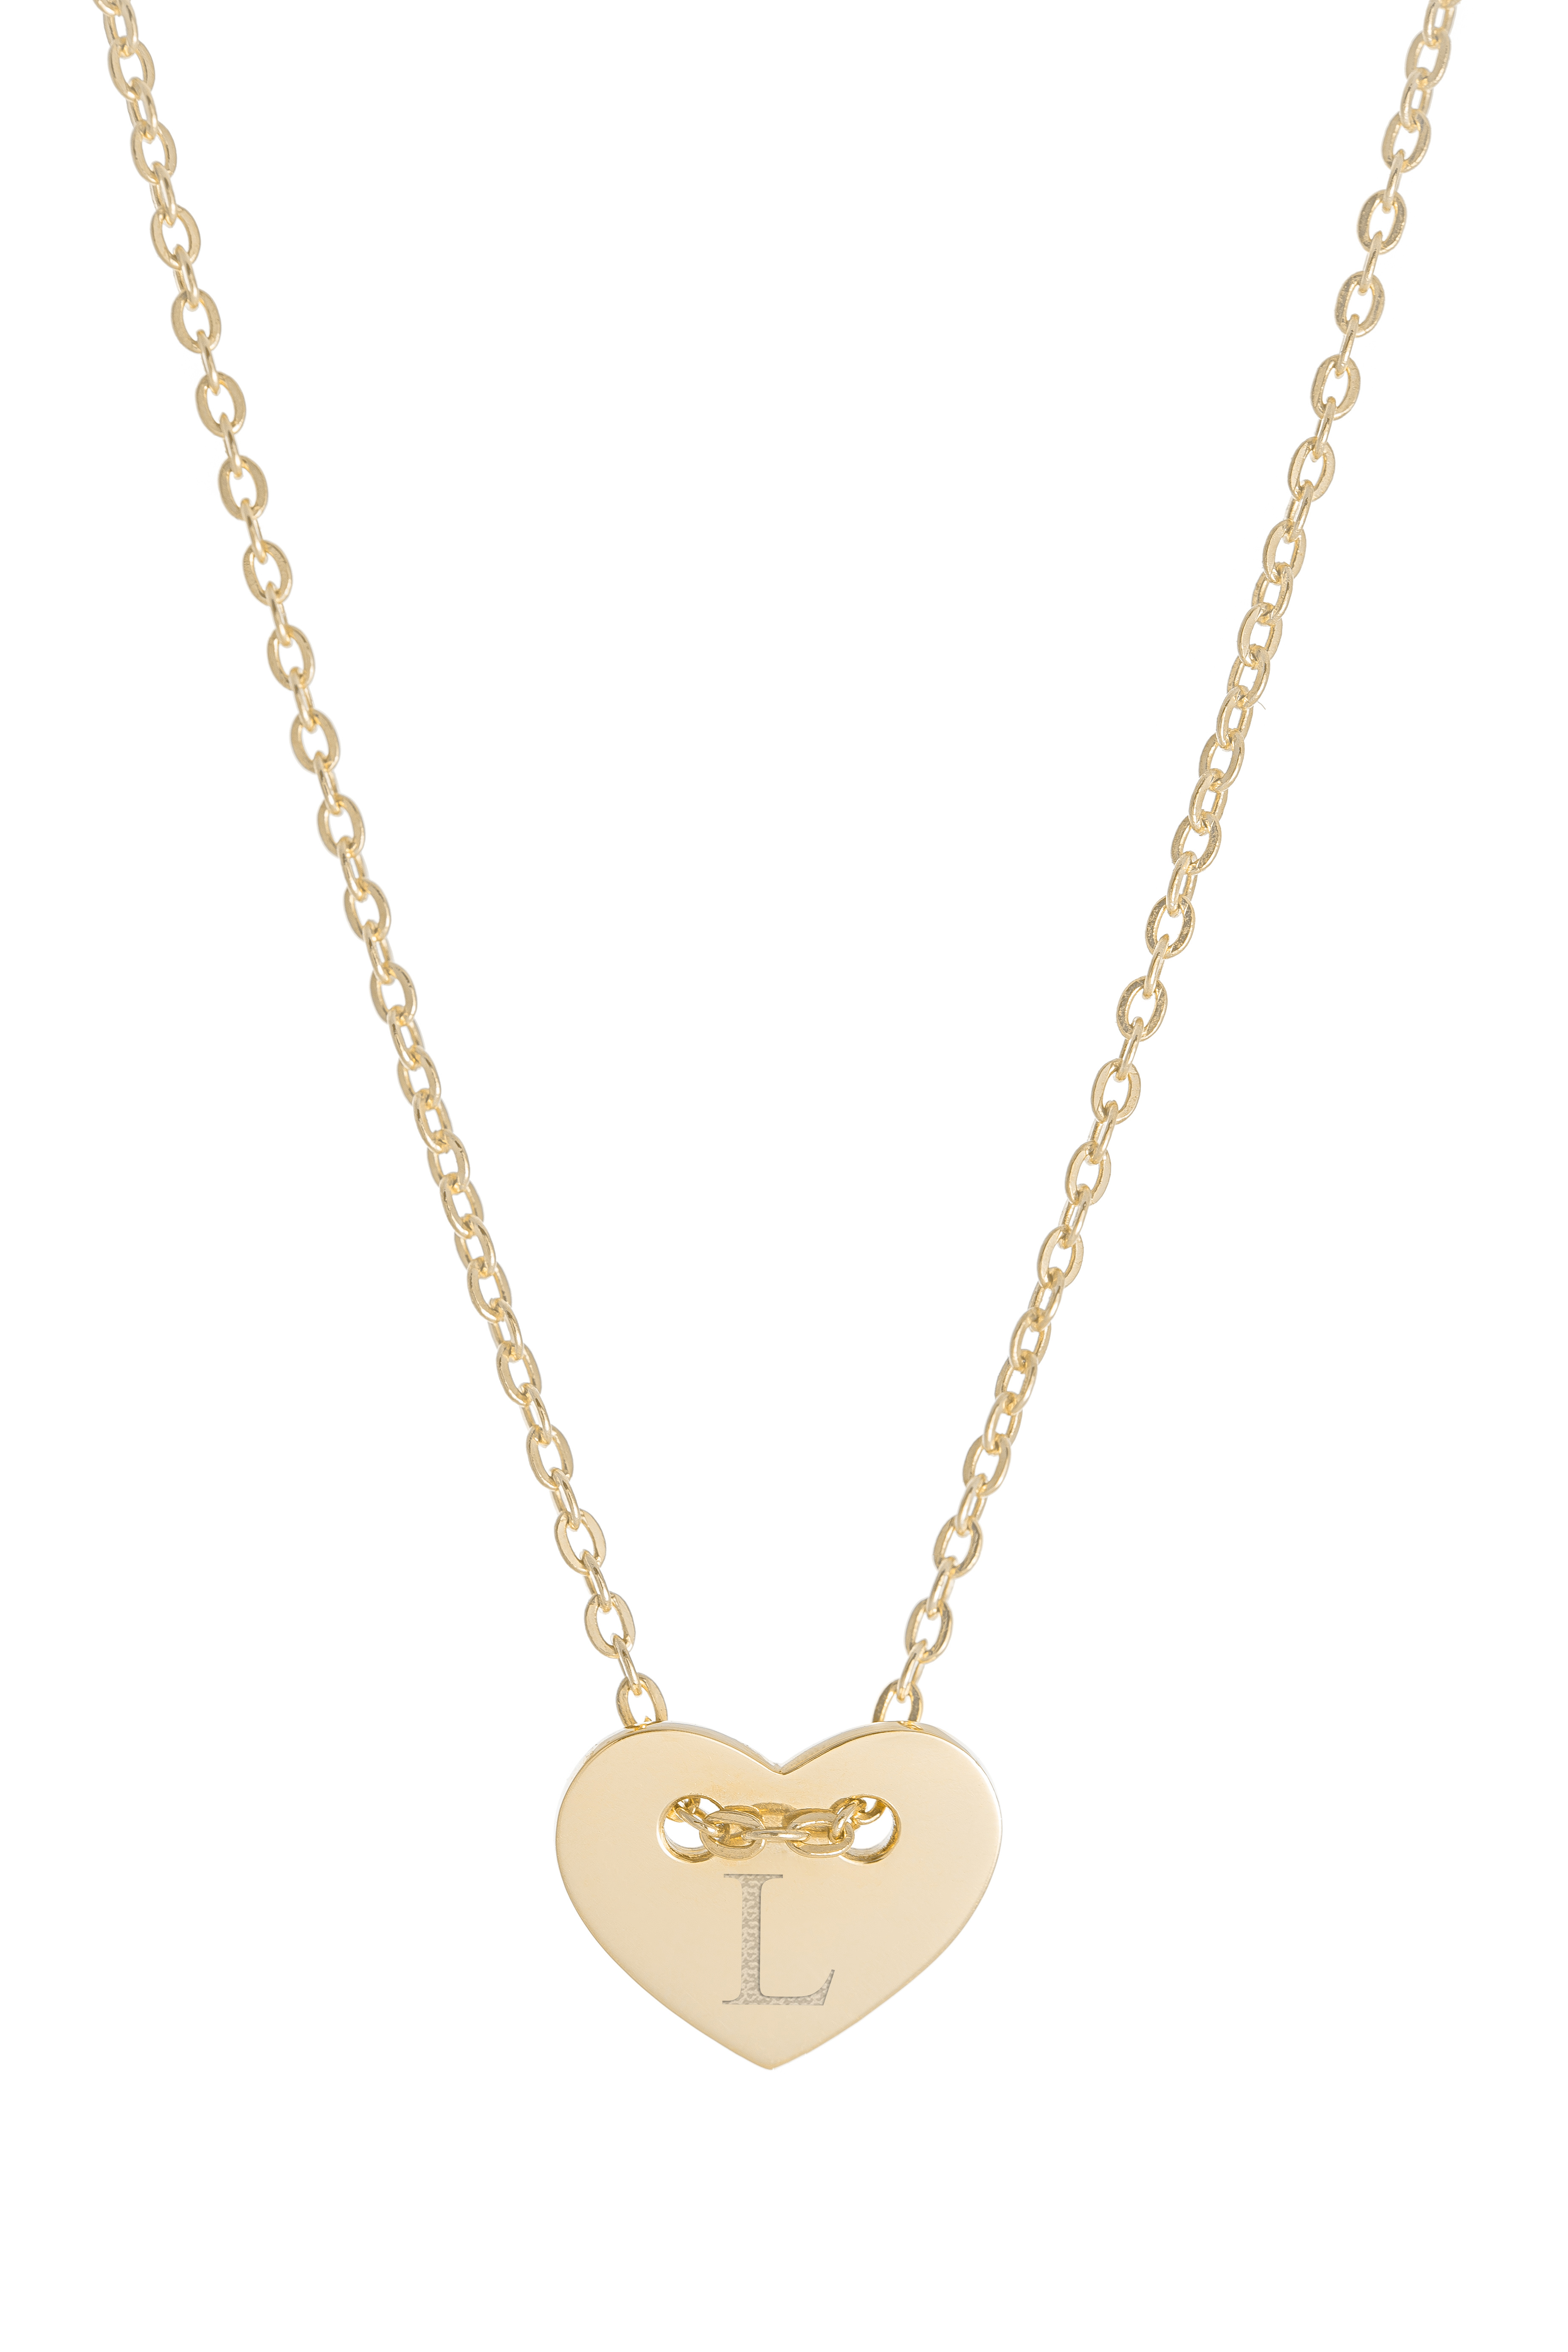 Náhrdelník BY LEON.Y. 14kt zlato, Srdiečko iniciál A - Z